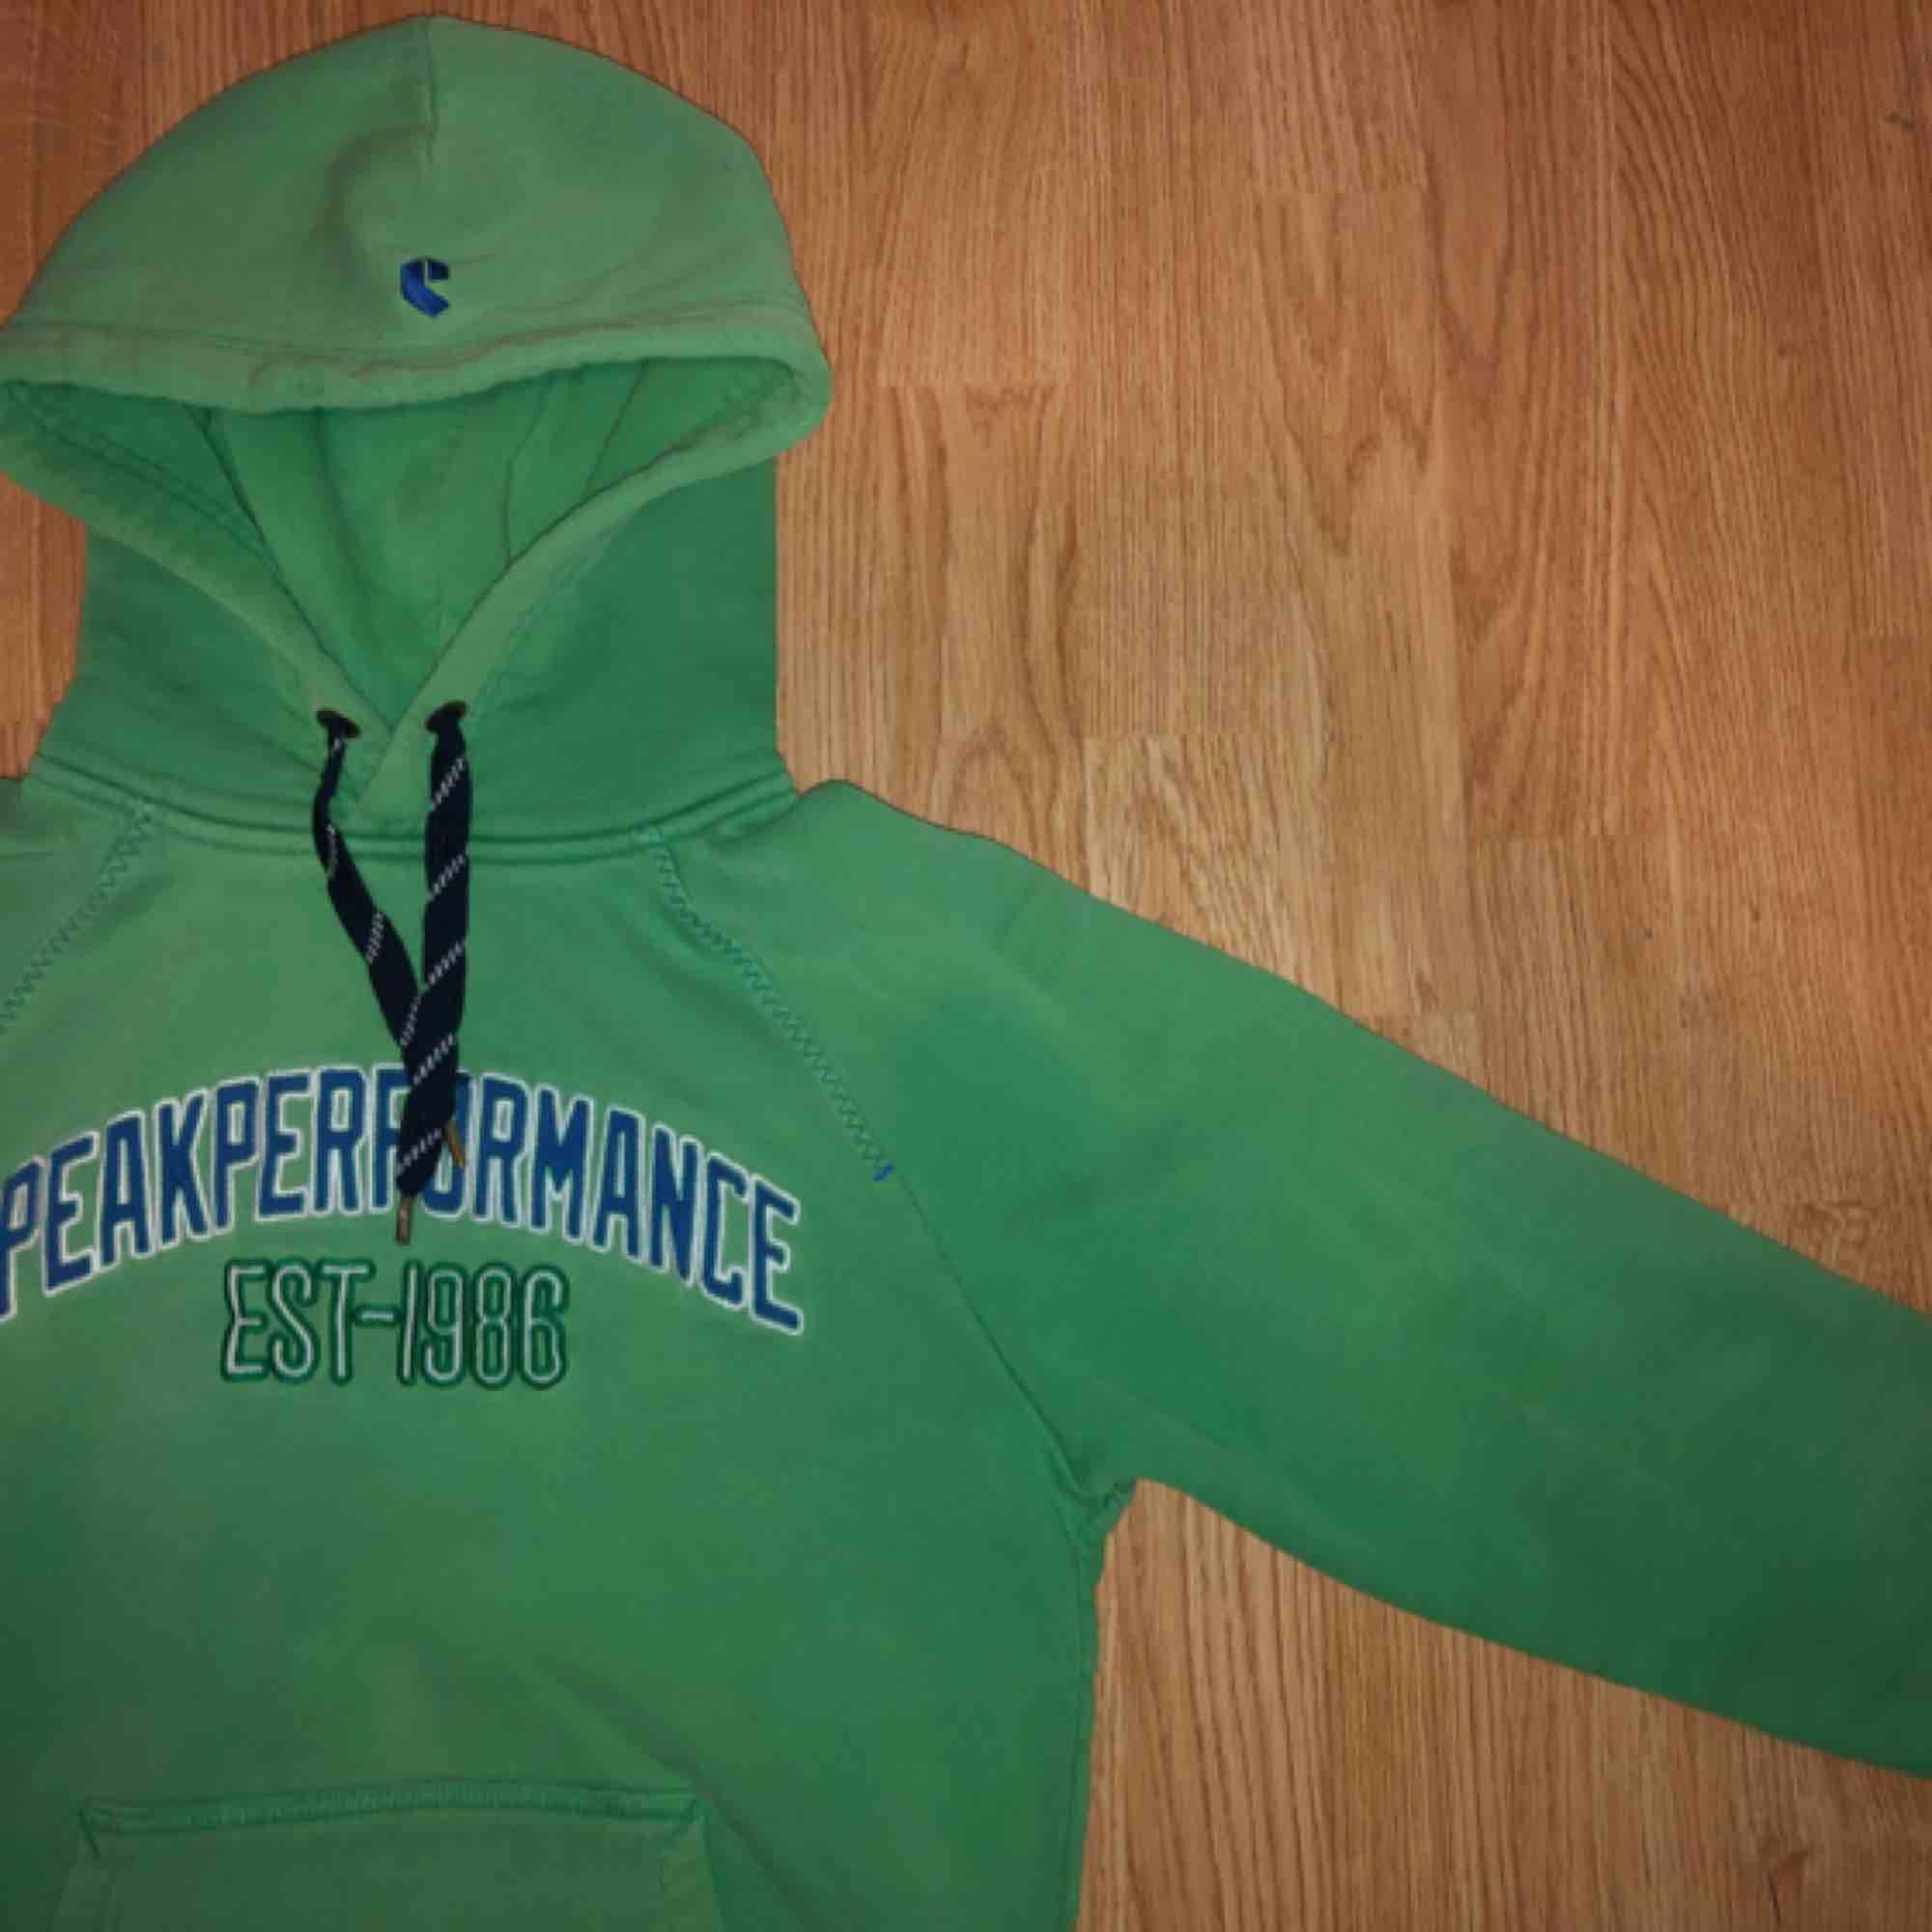 Peak Preformance college tröja Ljusgrön i färg och stämmer i storlek. Huvtröjor & Träningströjor.